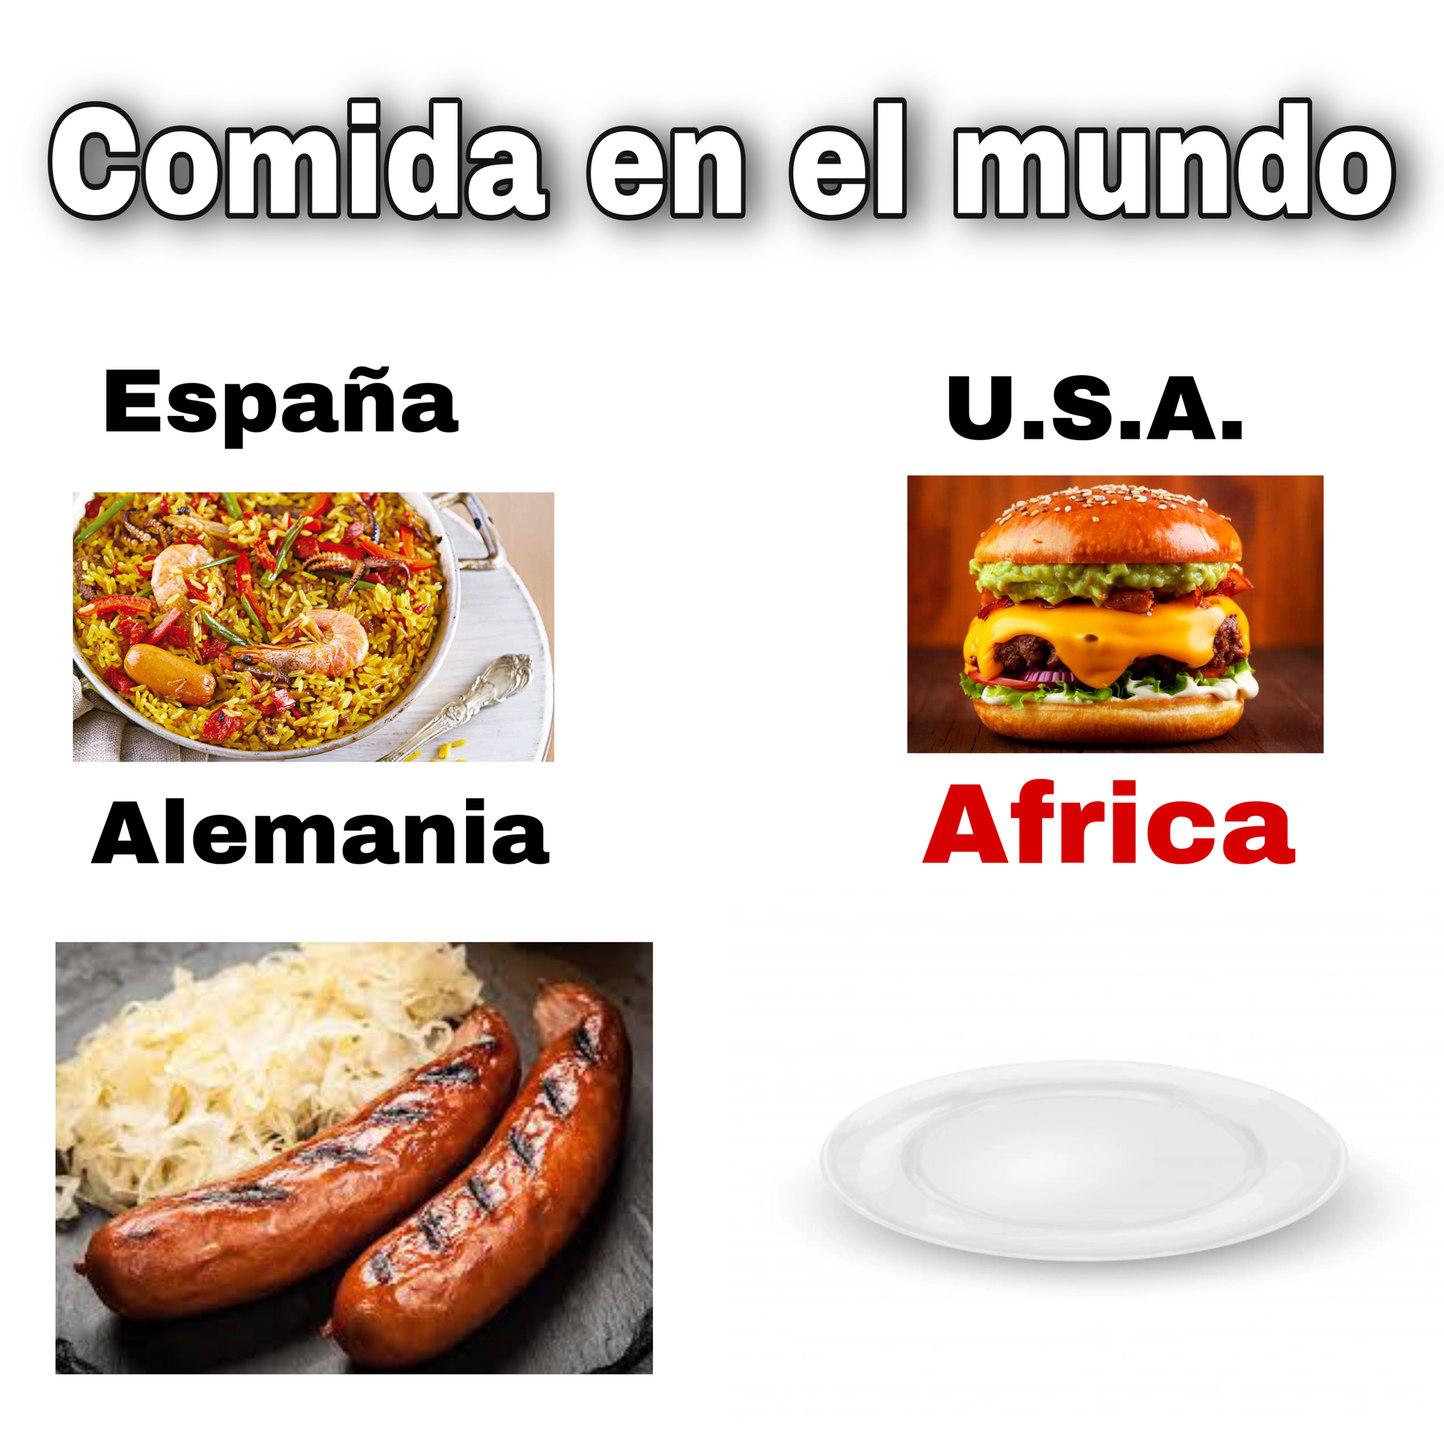 Comida en el mundo - meme